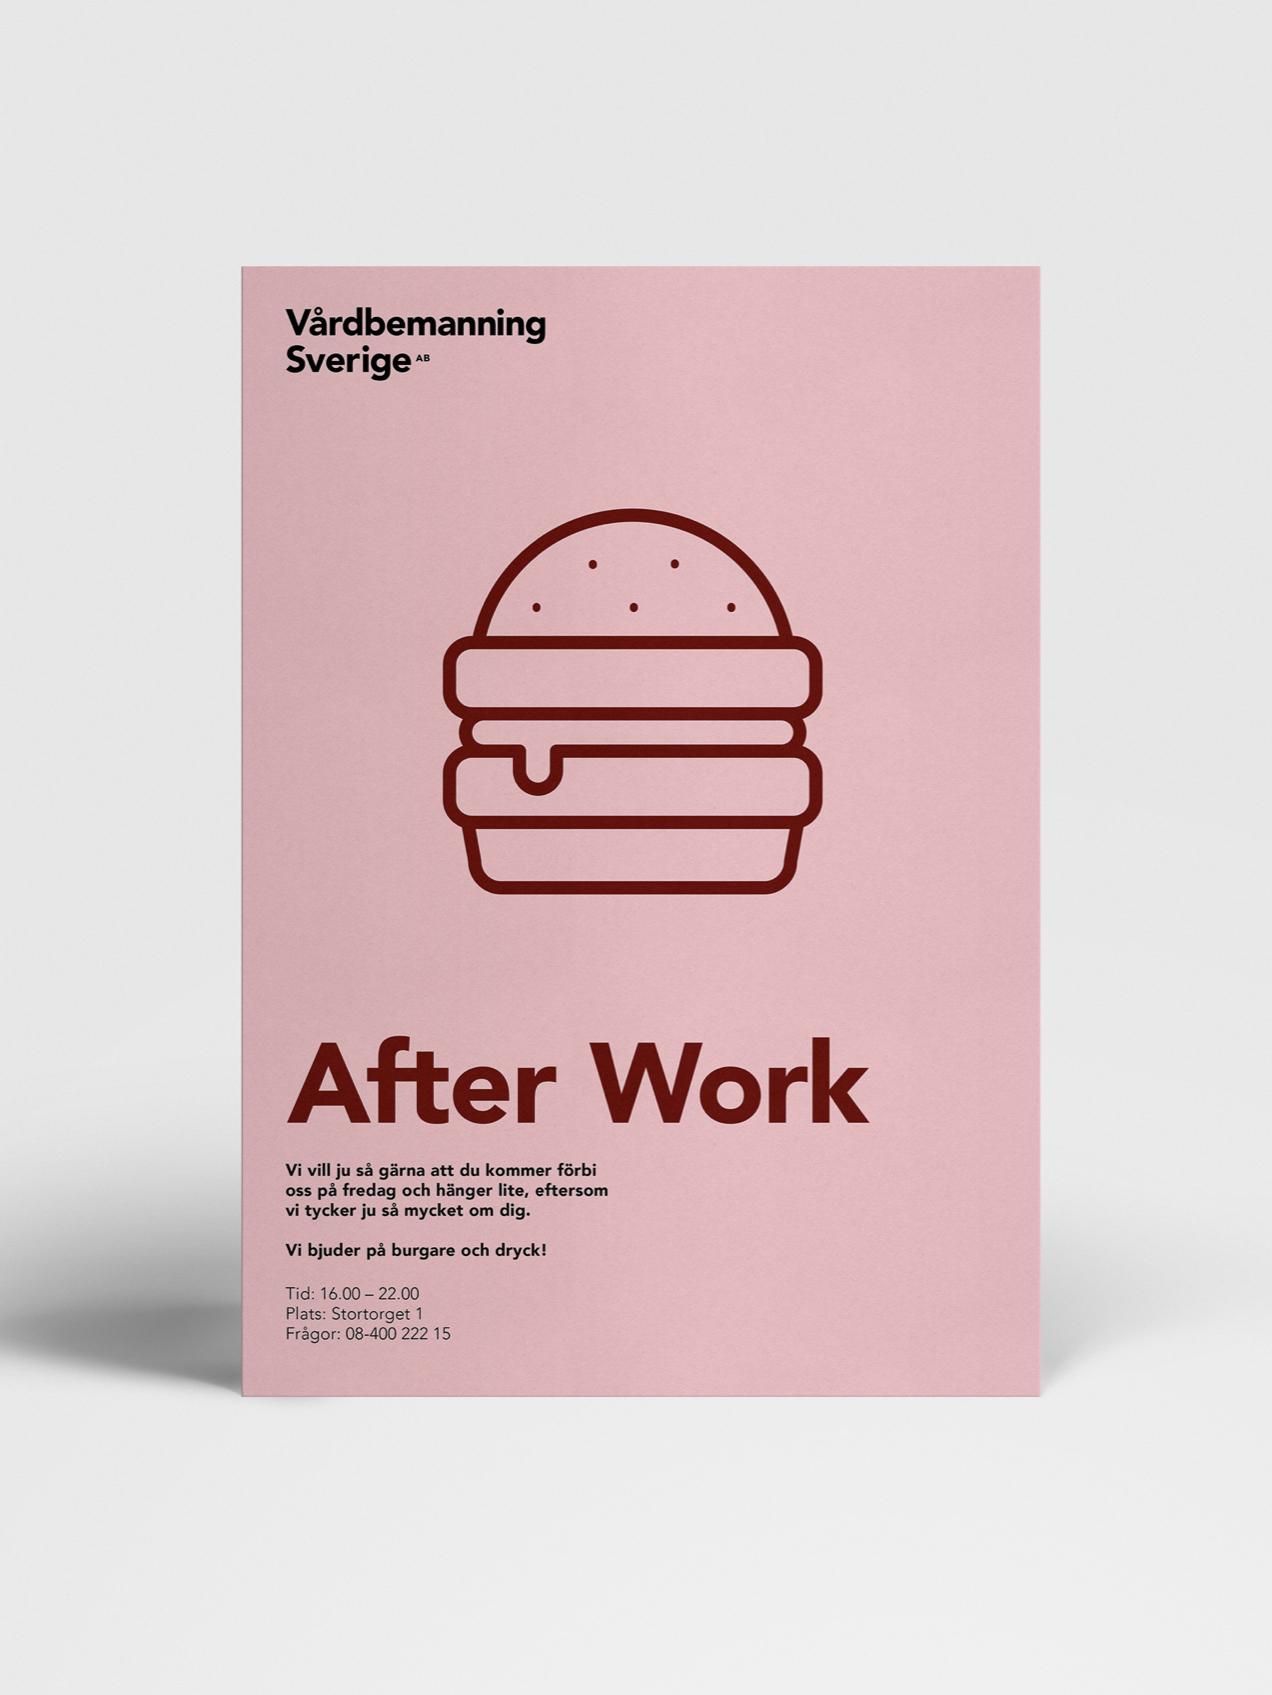 AfterWork-VBSverige-960.jpeg